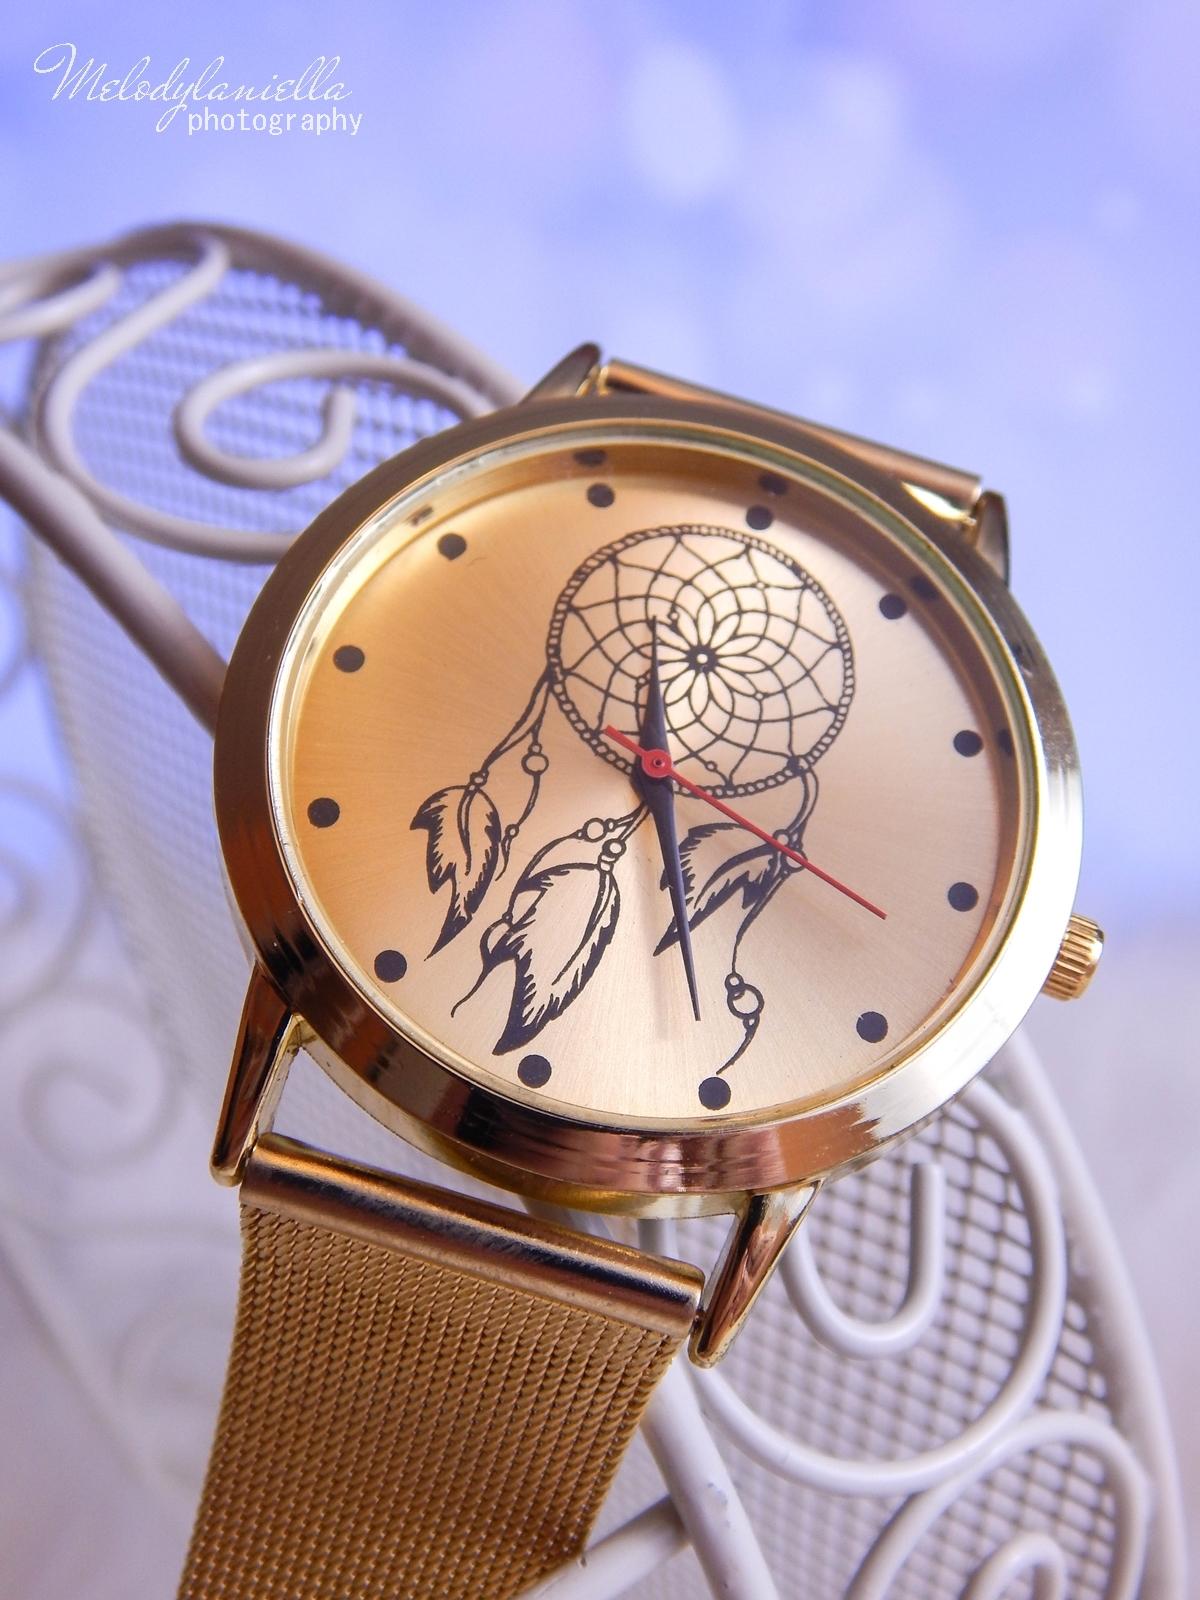 21 Biżuteria z chińskich sklepów sammydress kolczyk nausznica naszyjnik wisiorki z kryształkiem świąteczna biżuteria ciekawe dodatki stylowe zegarki pióra choker chokery złoty srebrny złoto srebro obelisk